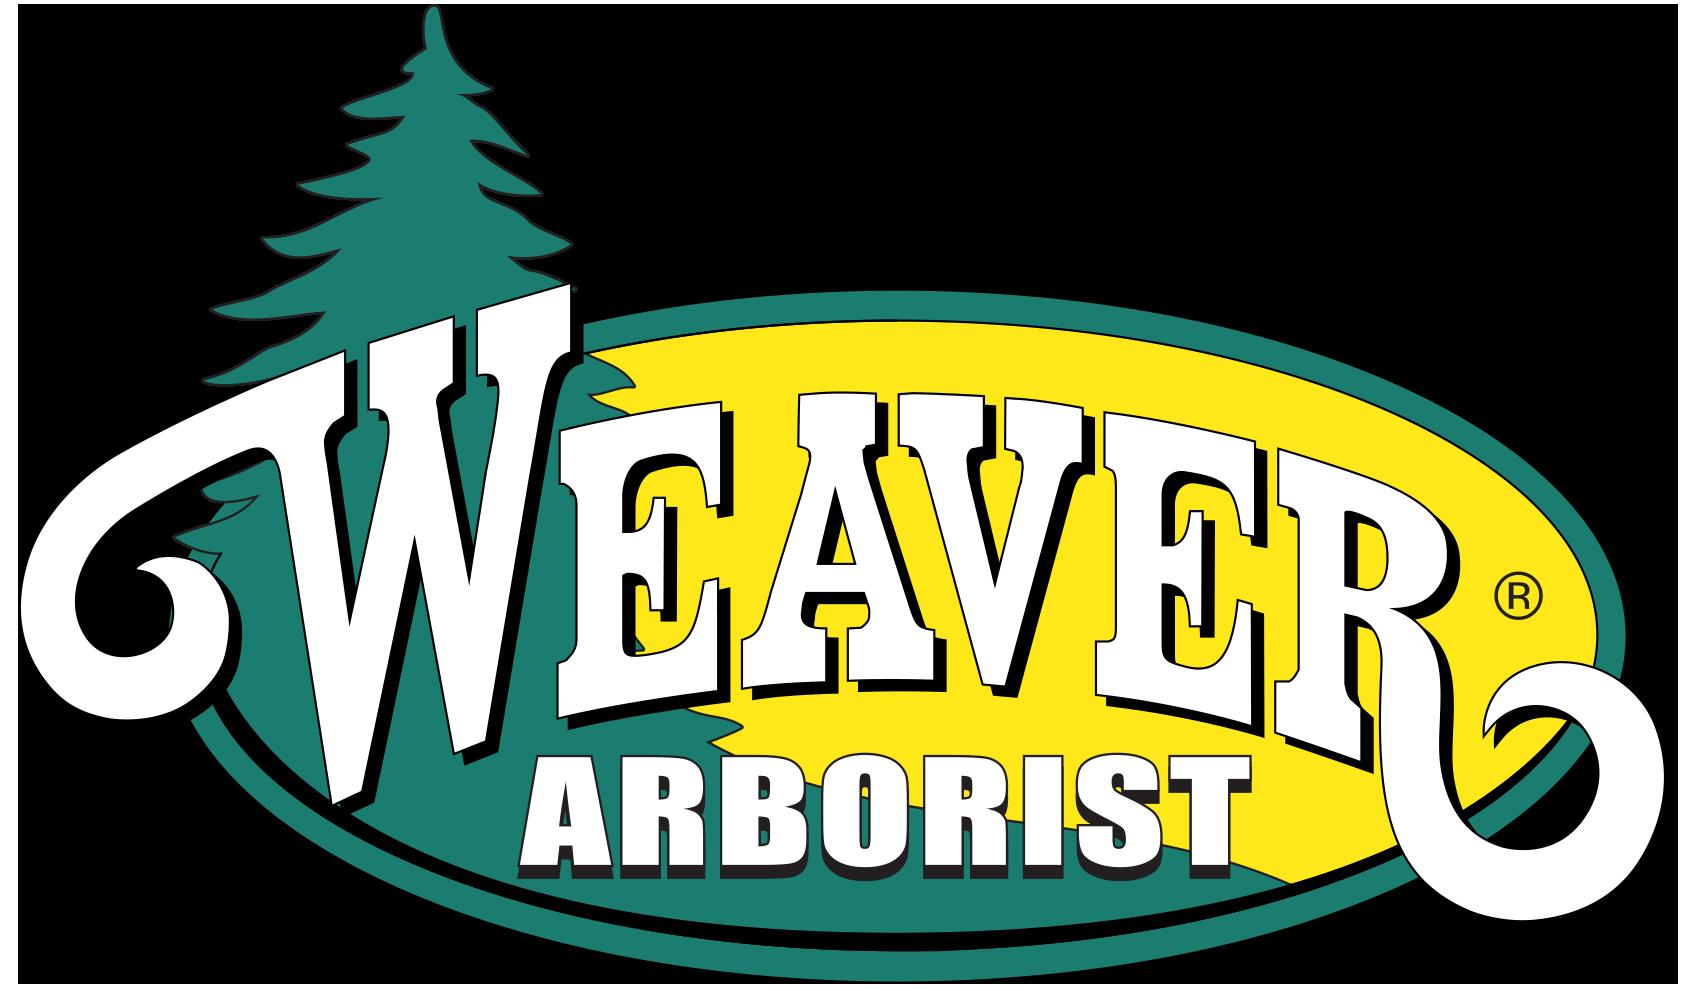 Weaver Arborist Logo